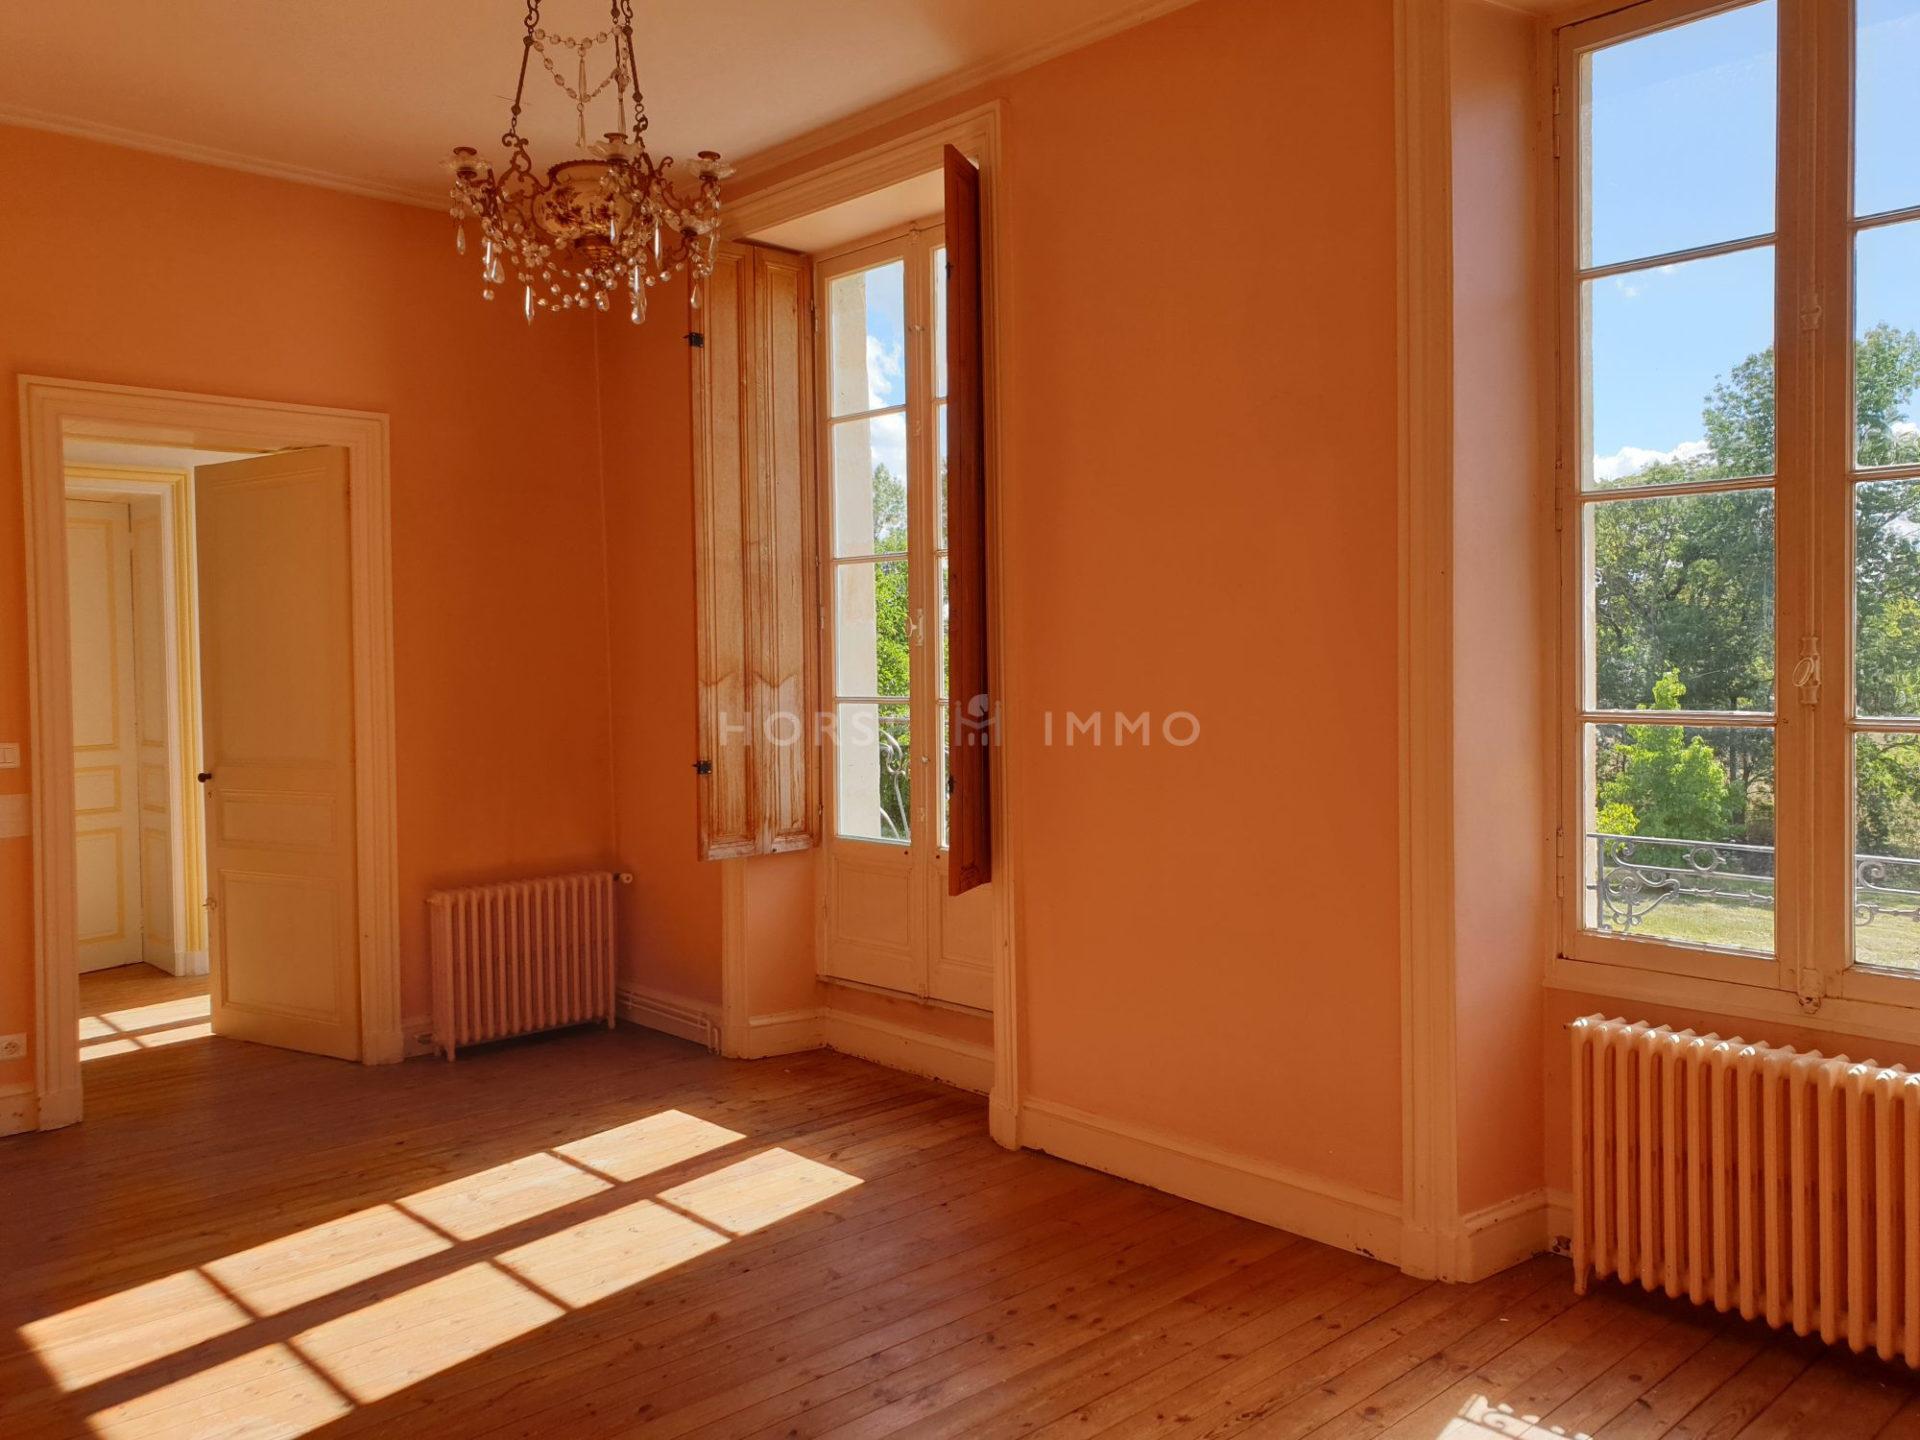 1614338502 VM1666 16 original 1920x1440 - Château et ses 2 logements sur 30ha clos de murs